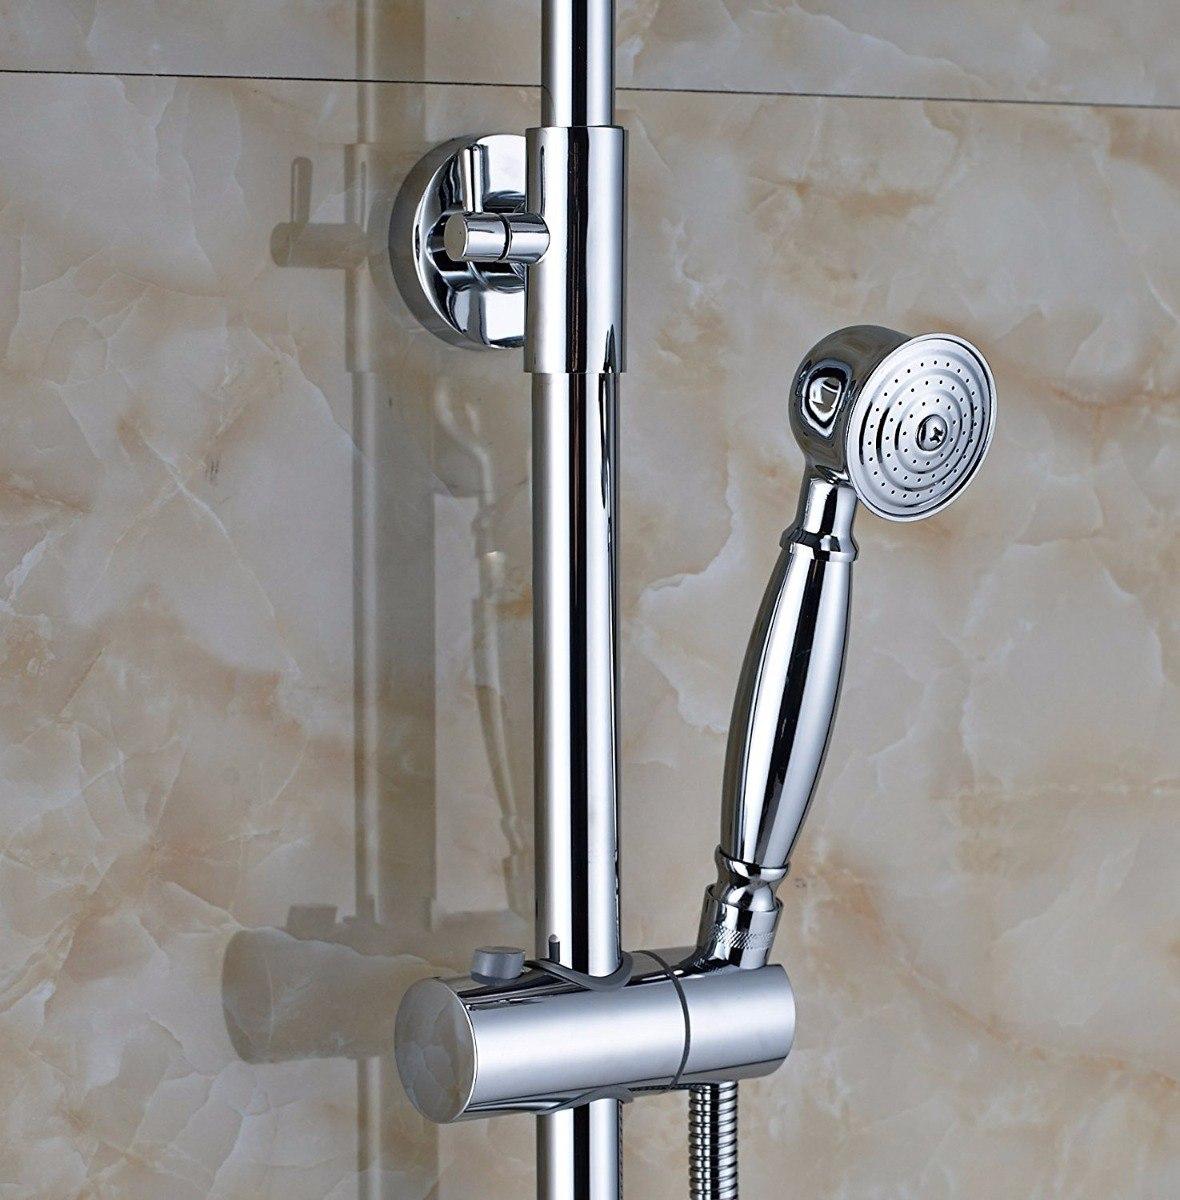 Grifería Para Ducha - Exterior De Diseño - Retro Cromada -   12.500 ... cf864af5e9e9